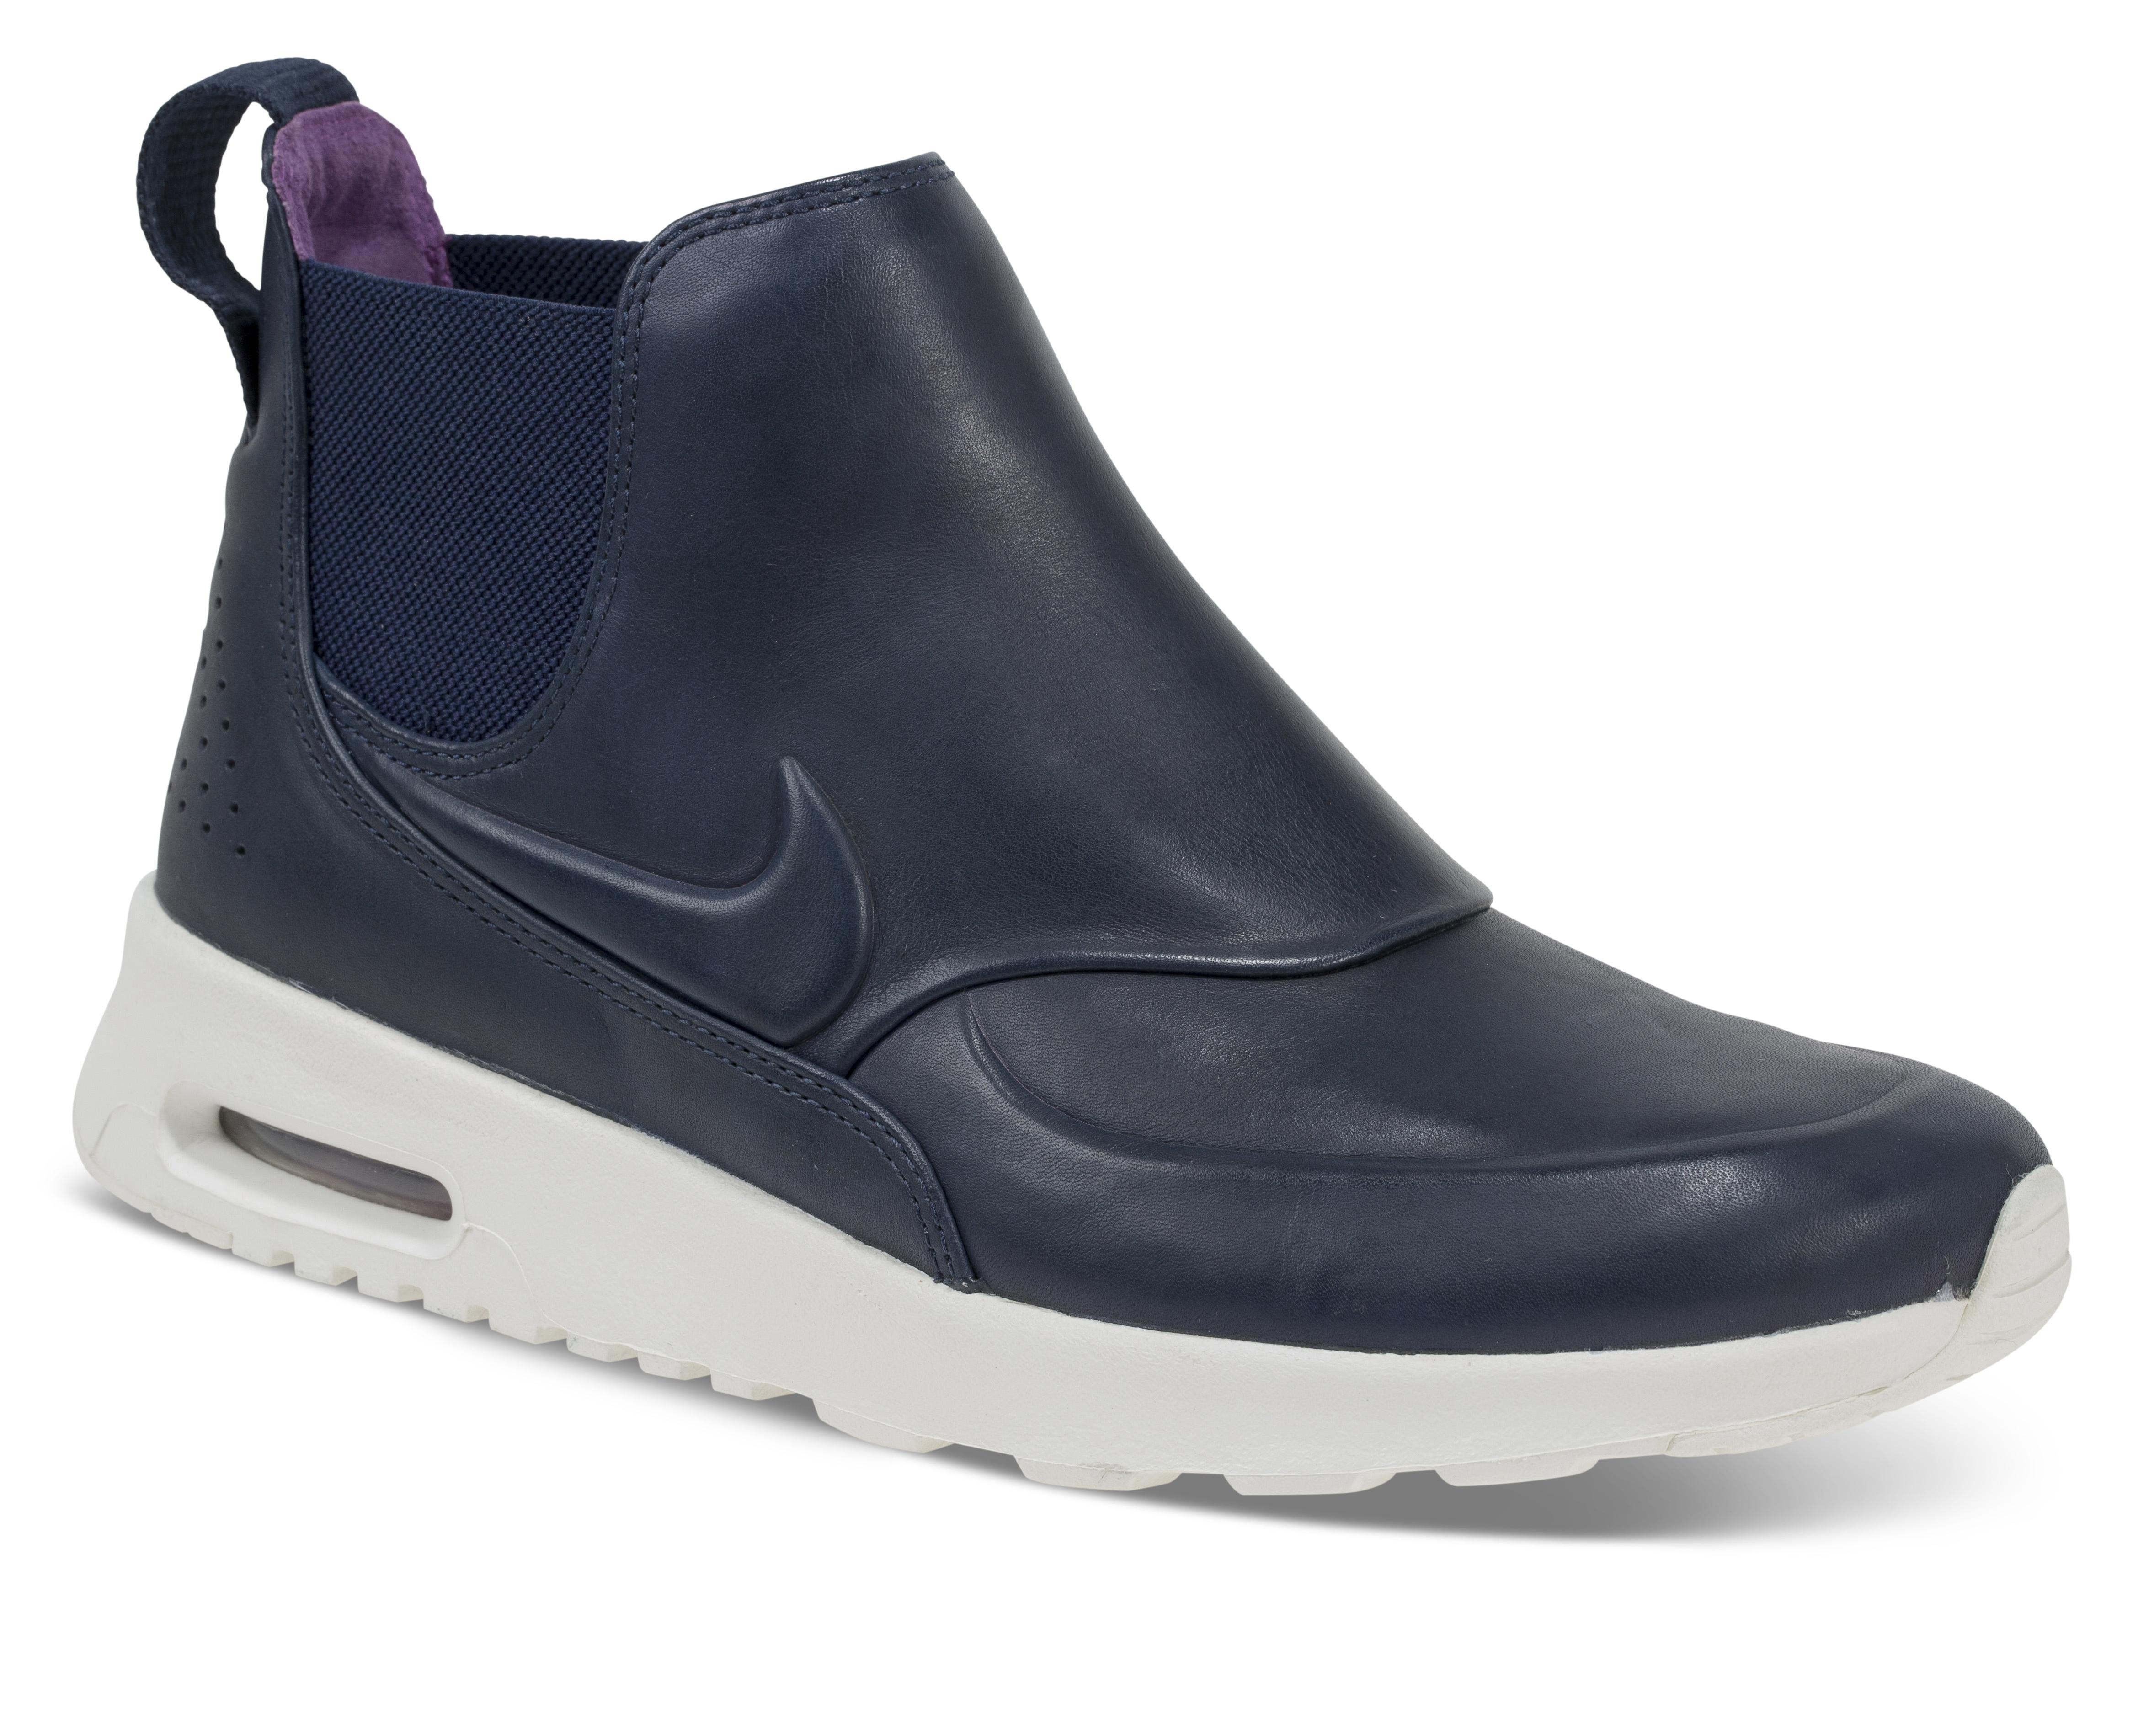 the latest 7c7ff 4c4ad ... Nike › Air Max Thea mid blå. Finn butikk som har denne modellen